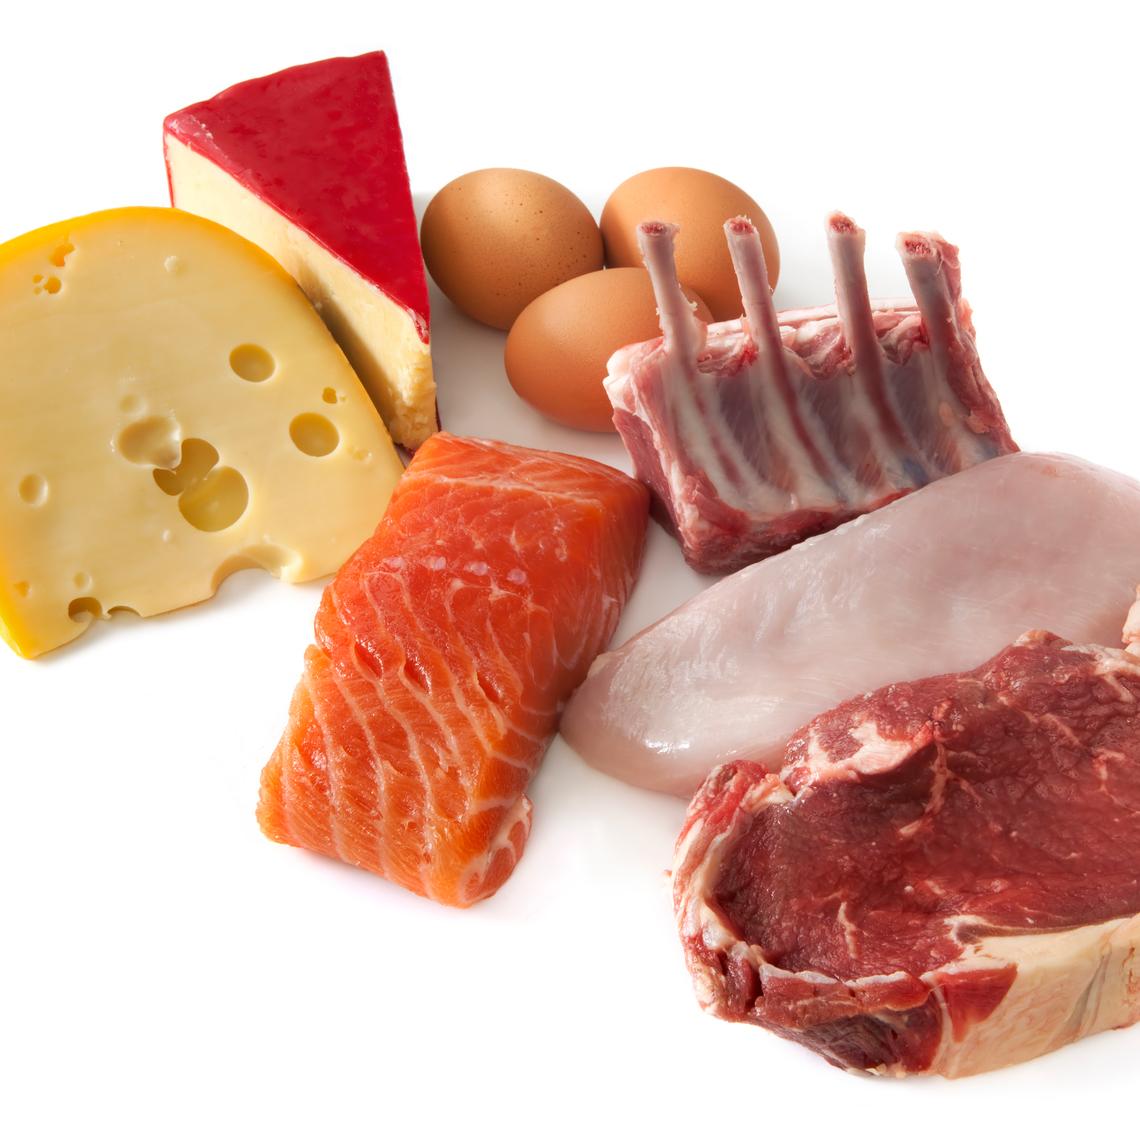 La alimentaci n en la diabetes tipo 2 - Alimentos diabetes permitidos ...